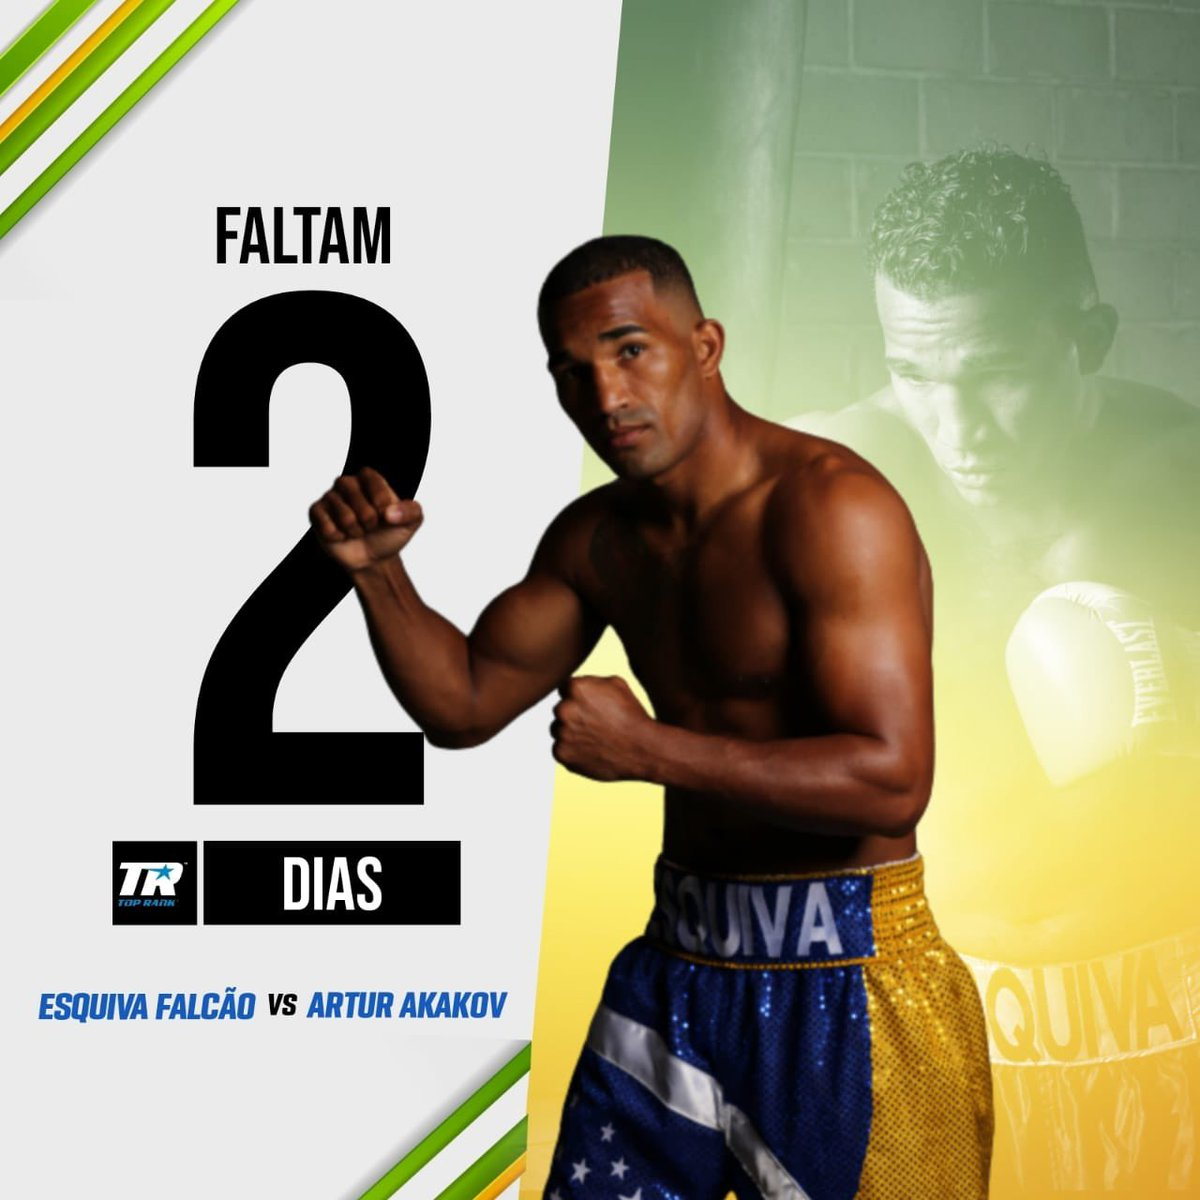 #teamesquiva   2 dias apenas para eu subir naquele ring e dar o meu melhor. Conto com a torcida de todos 🇧🇷